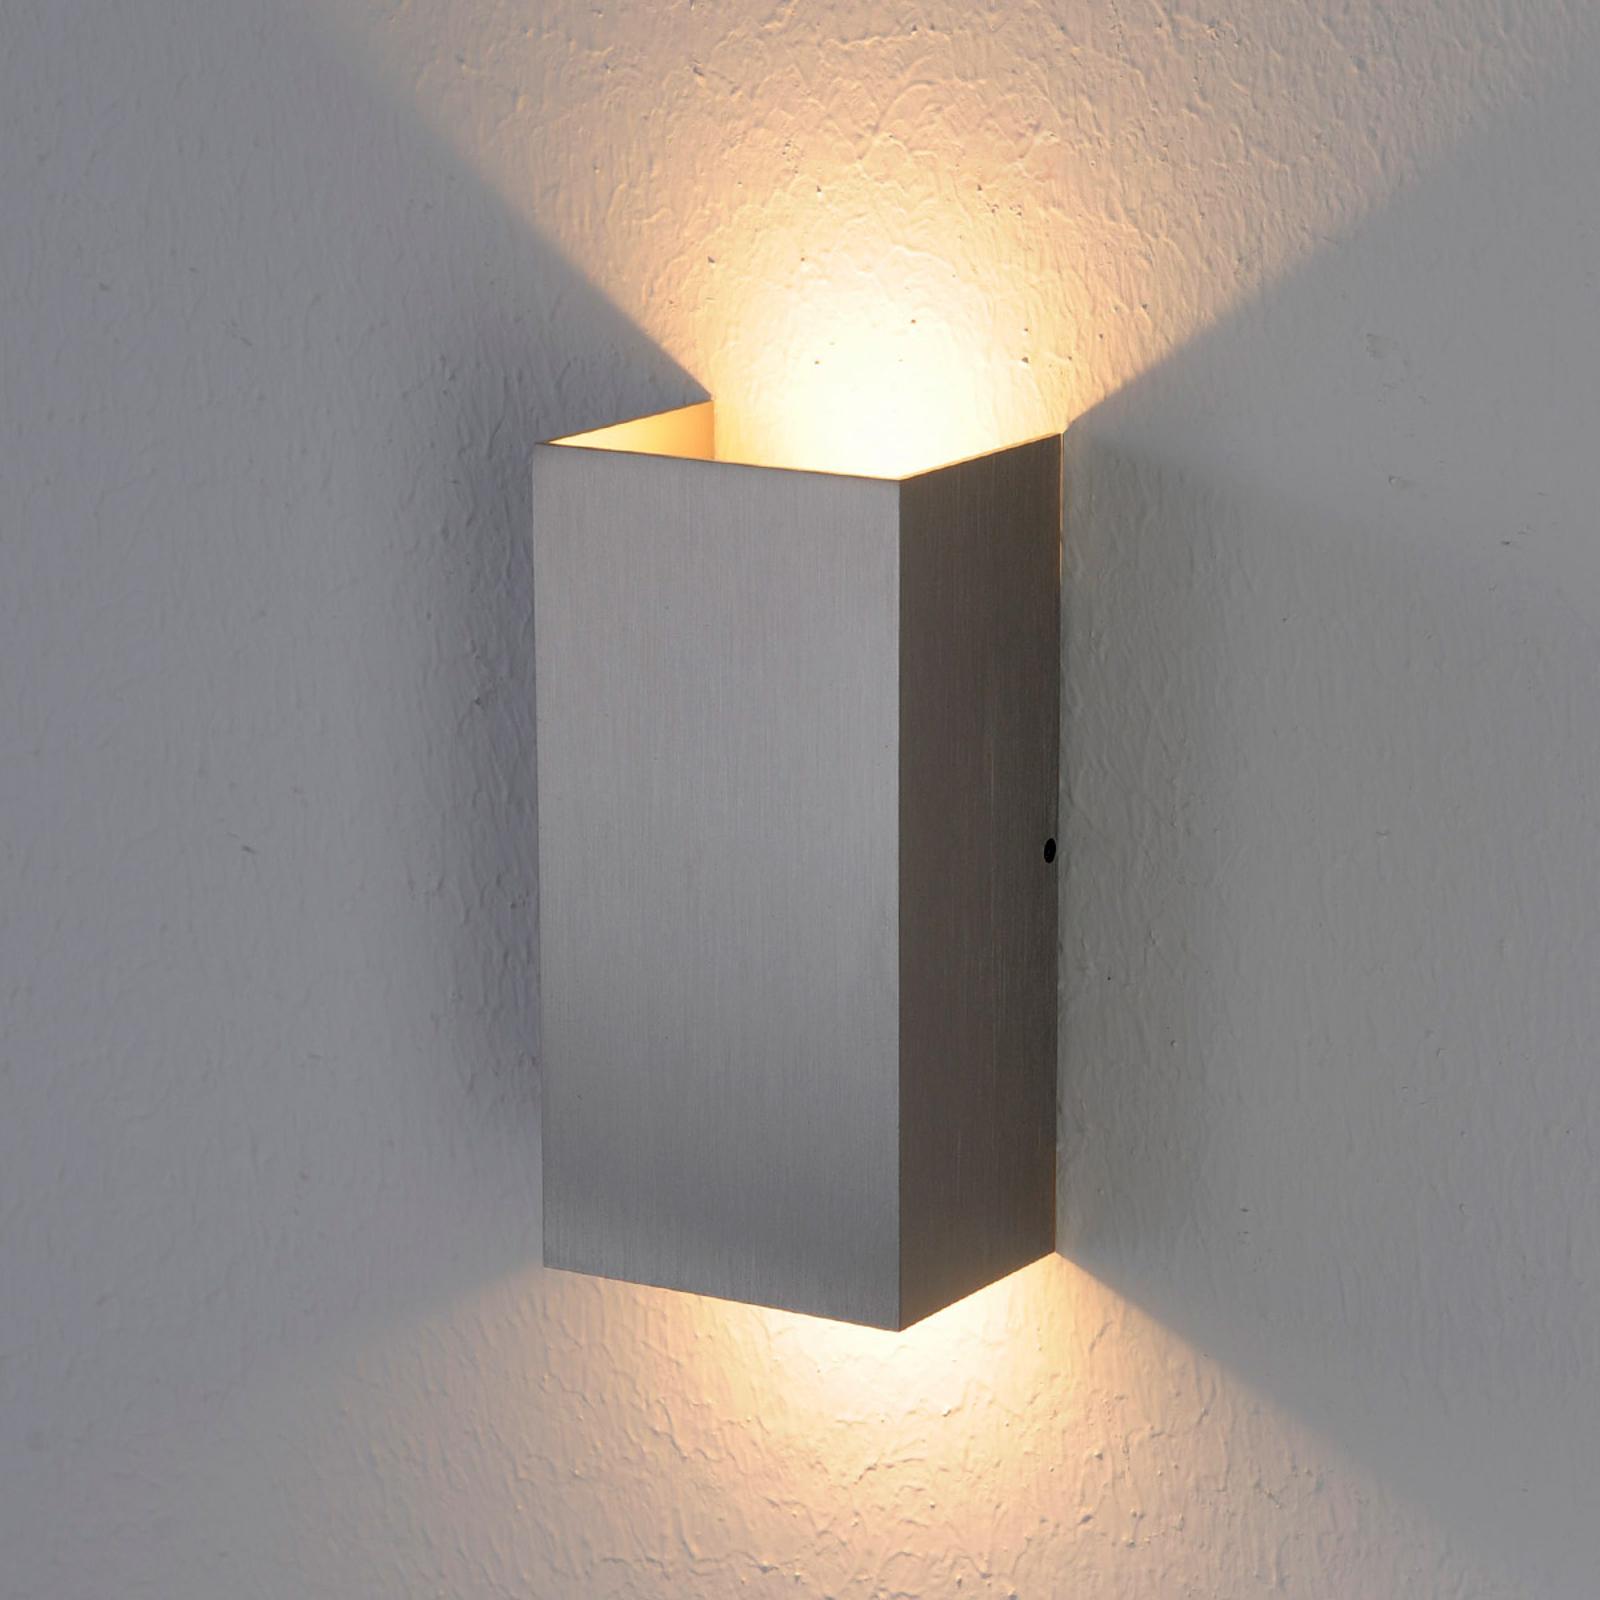 Puristische LED-wandlamp Mira